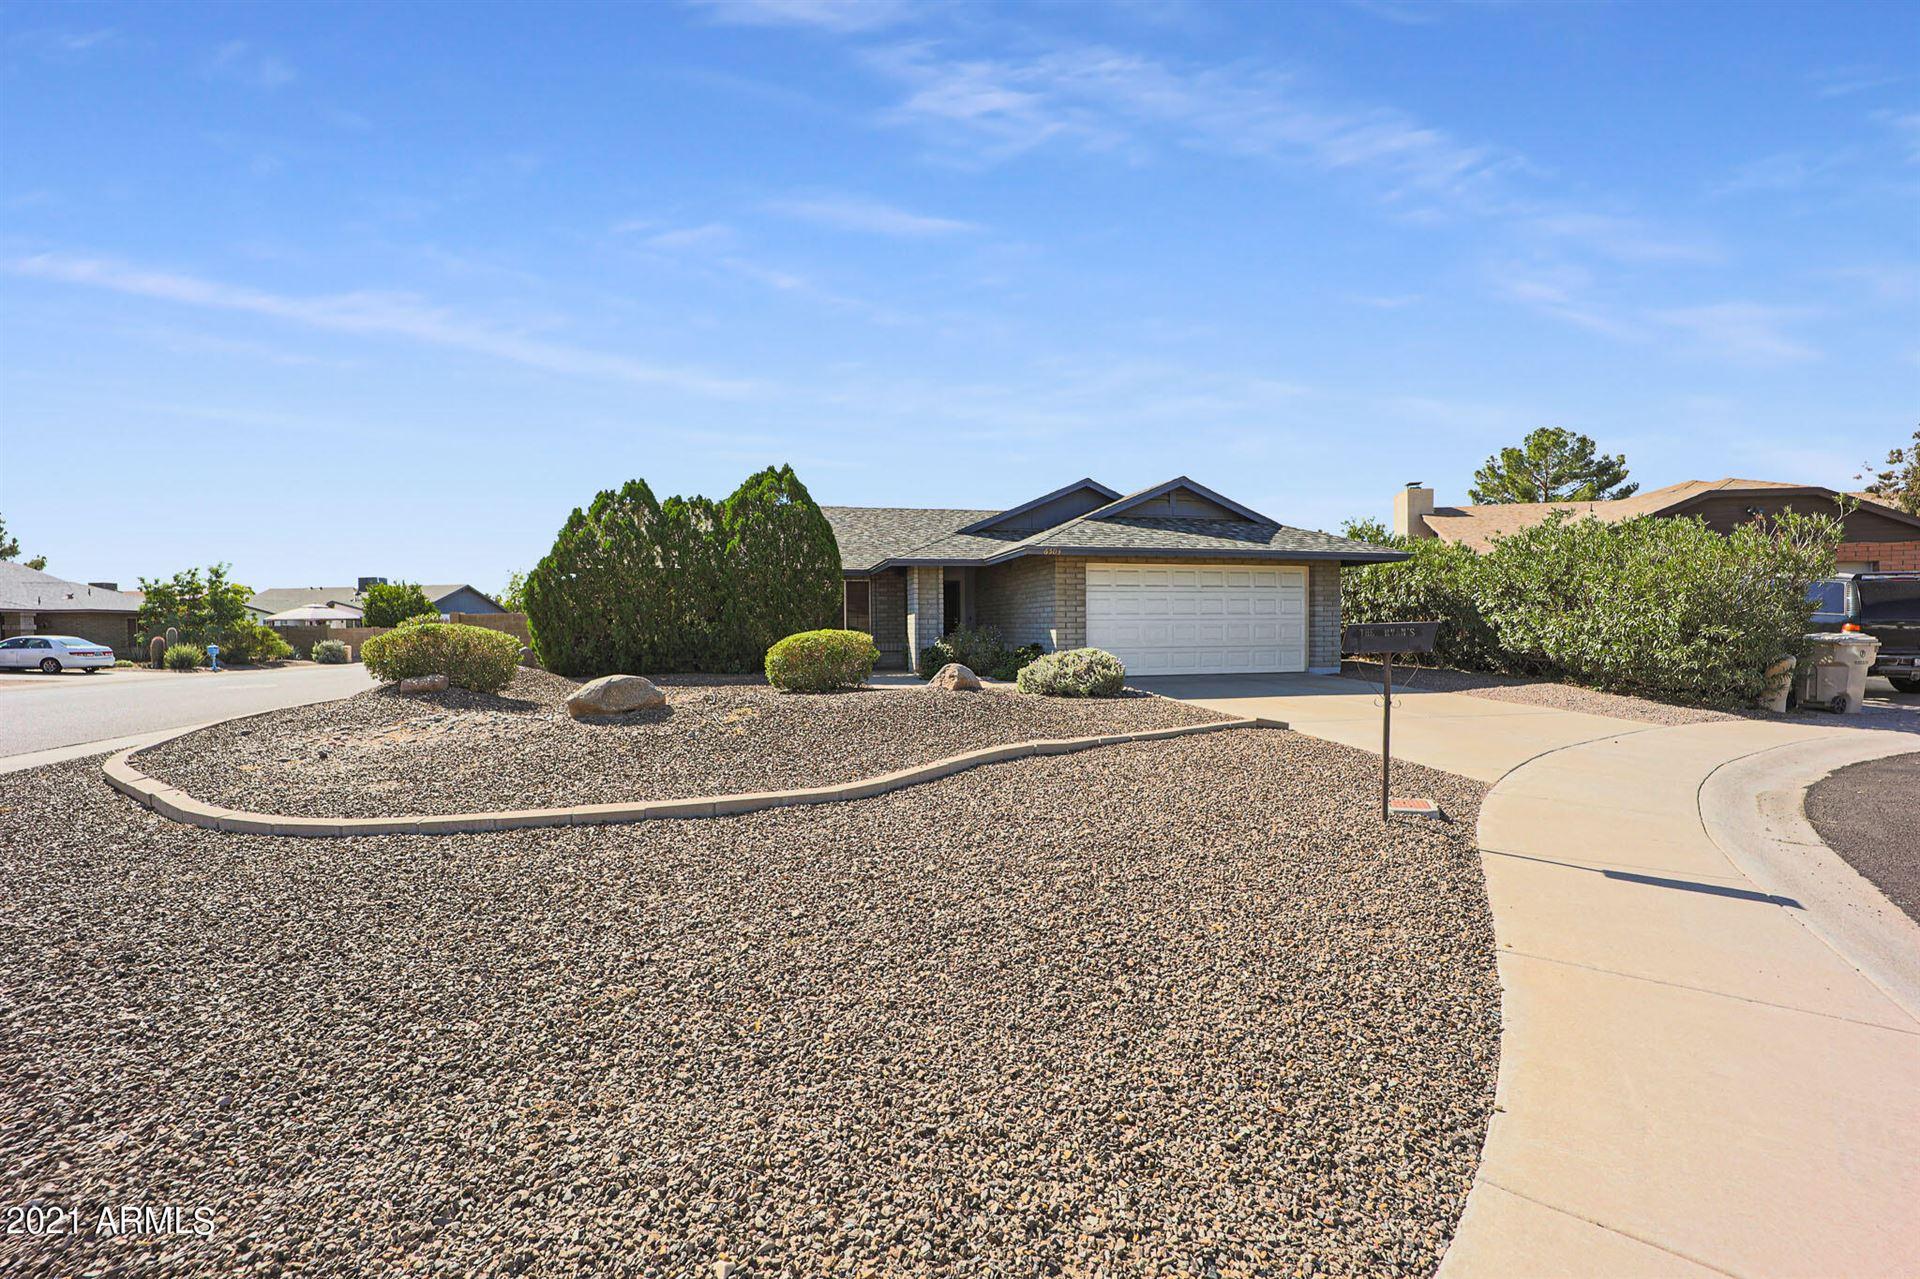 Photo of 6503 W COCHISE Drive, Glendale, AZ 85302 (MLS # 6304294)